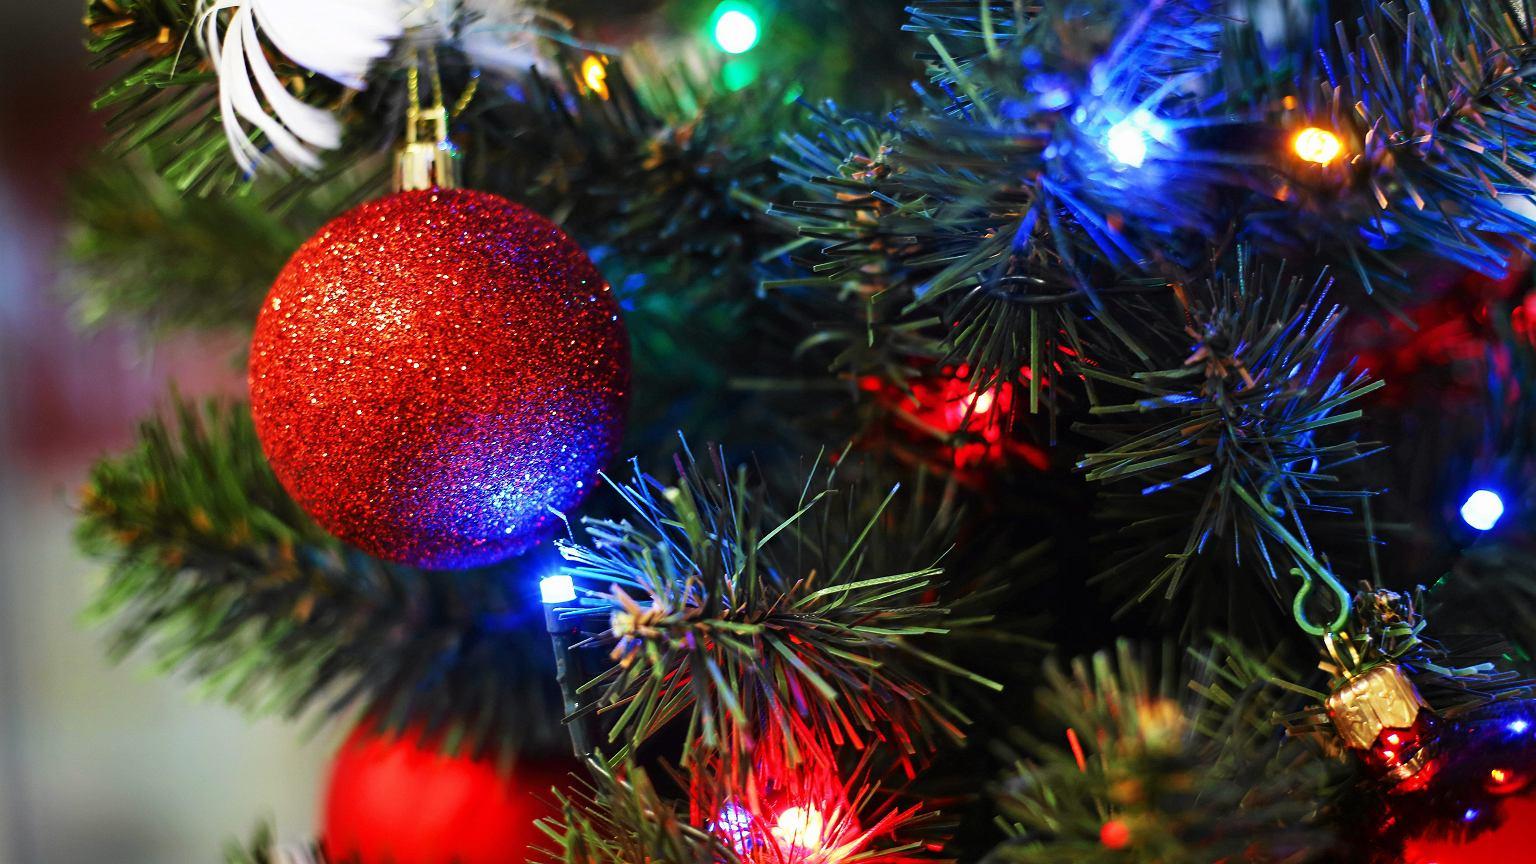 życzenia Bożonarodzeniowe Na święta 2019 Piękne Wesołe I